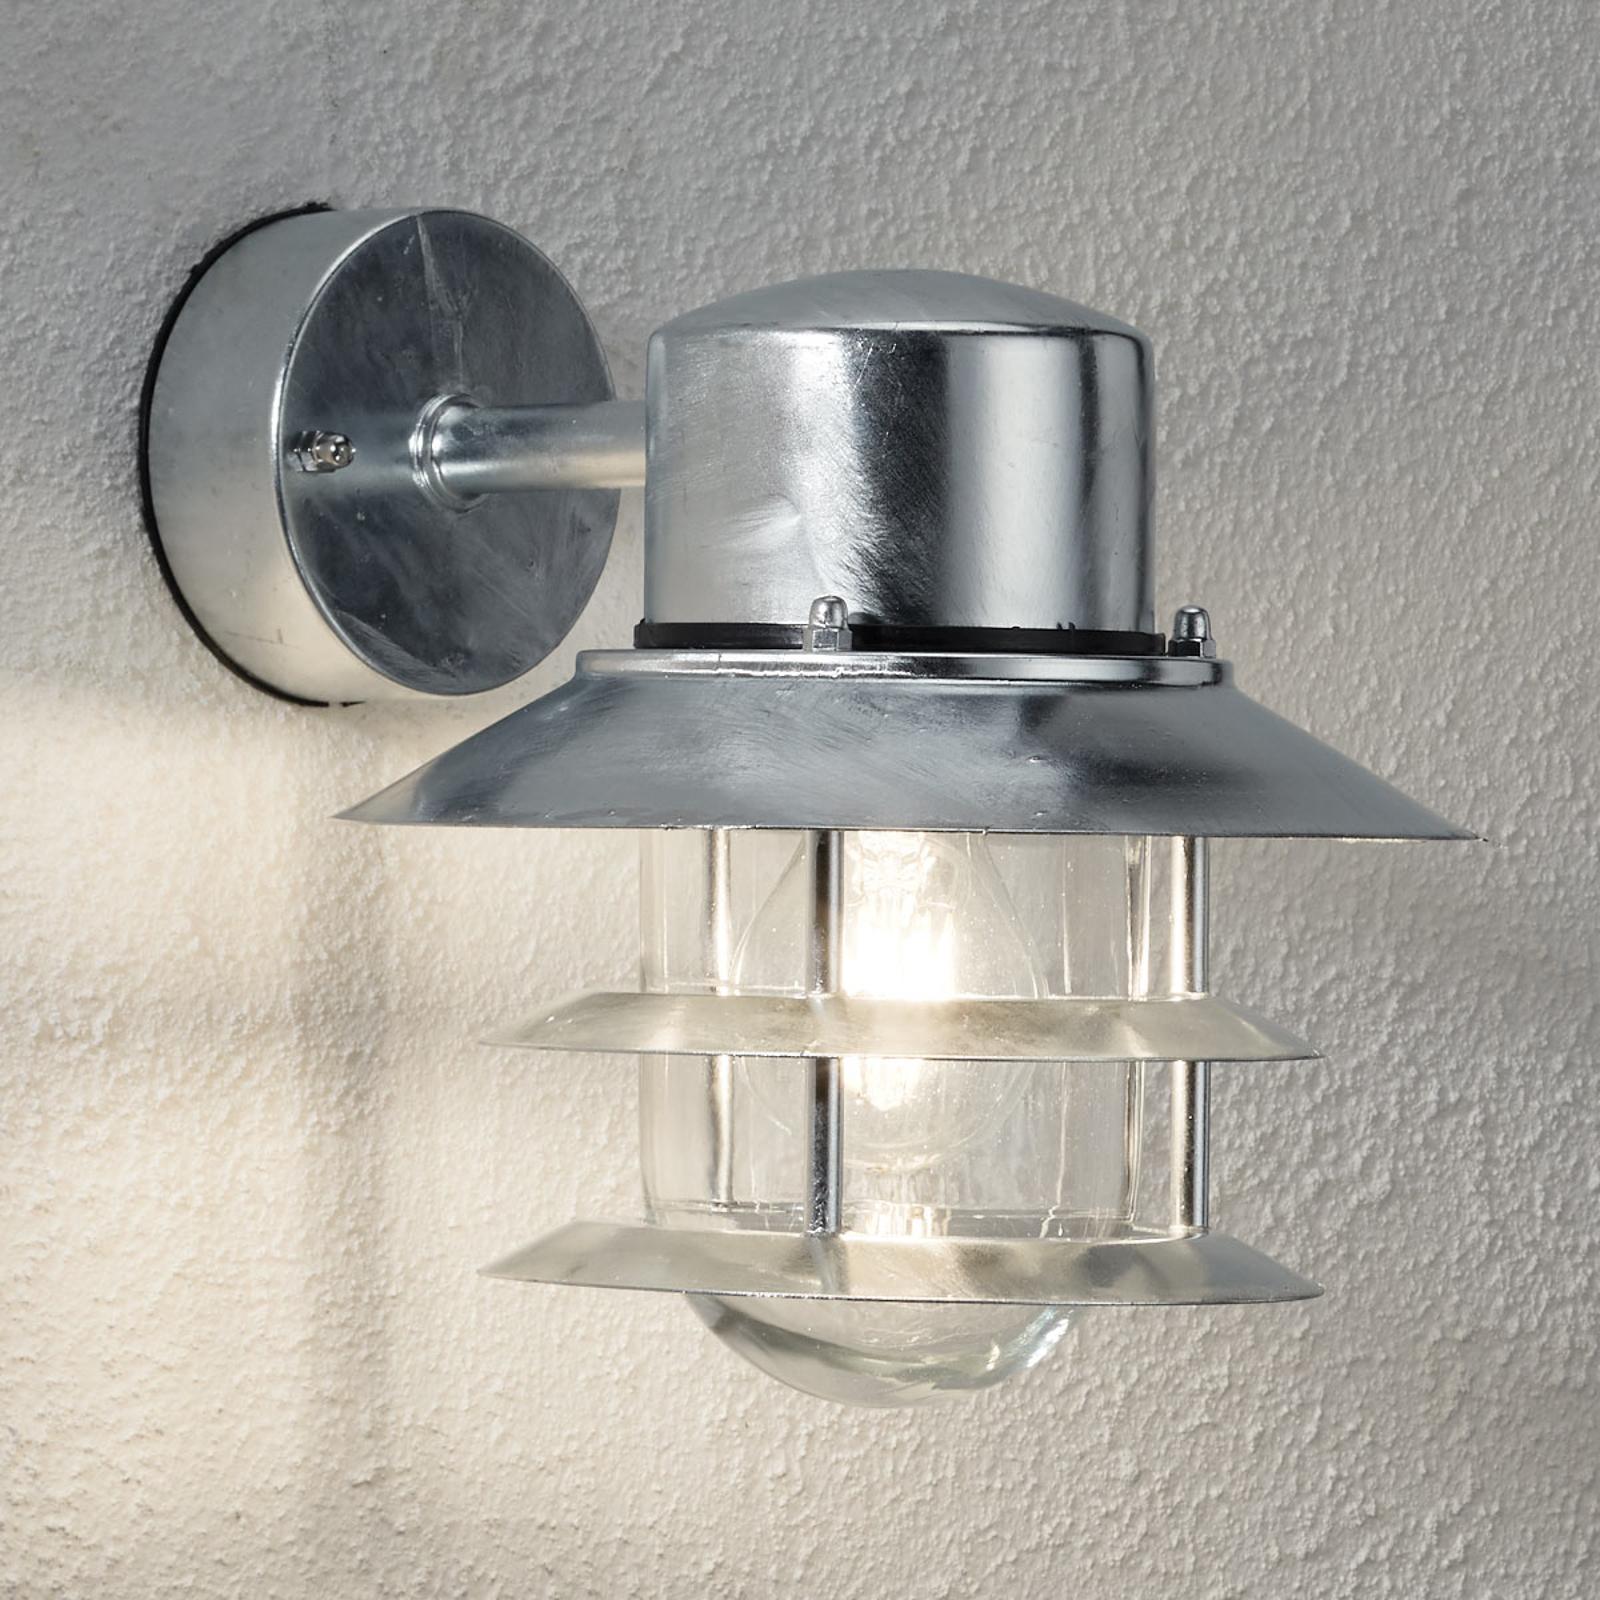 Wandlamp BLOKHUS, gegalvaniseerd, hangend